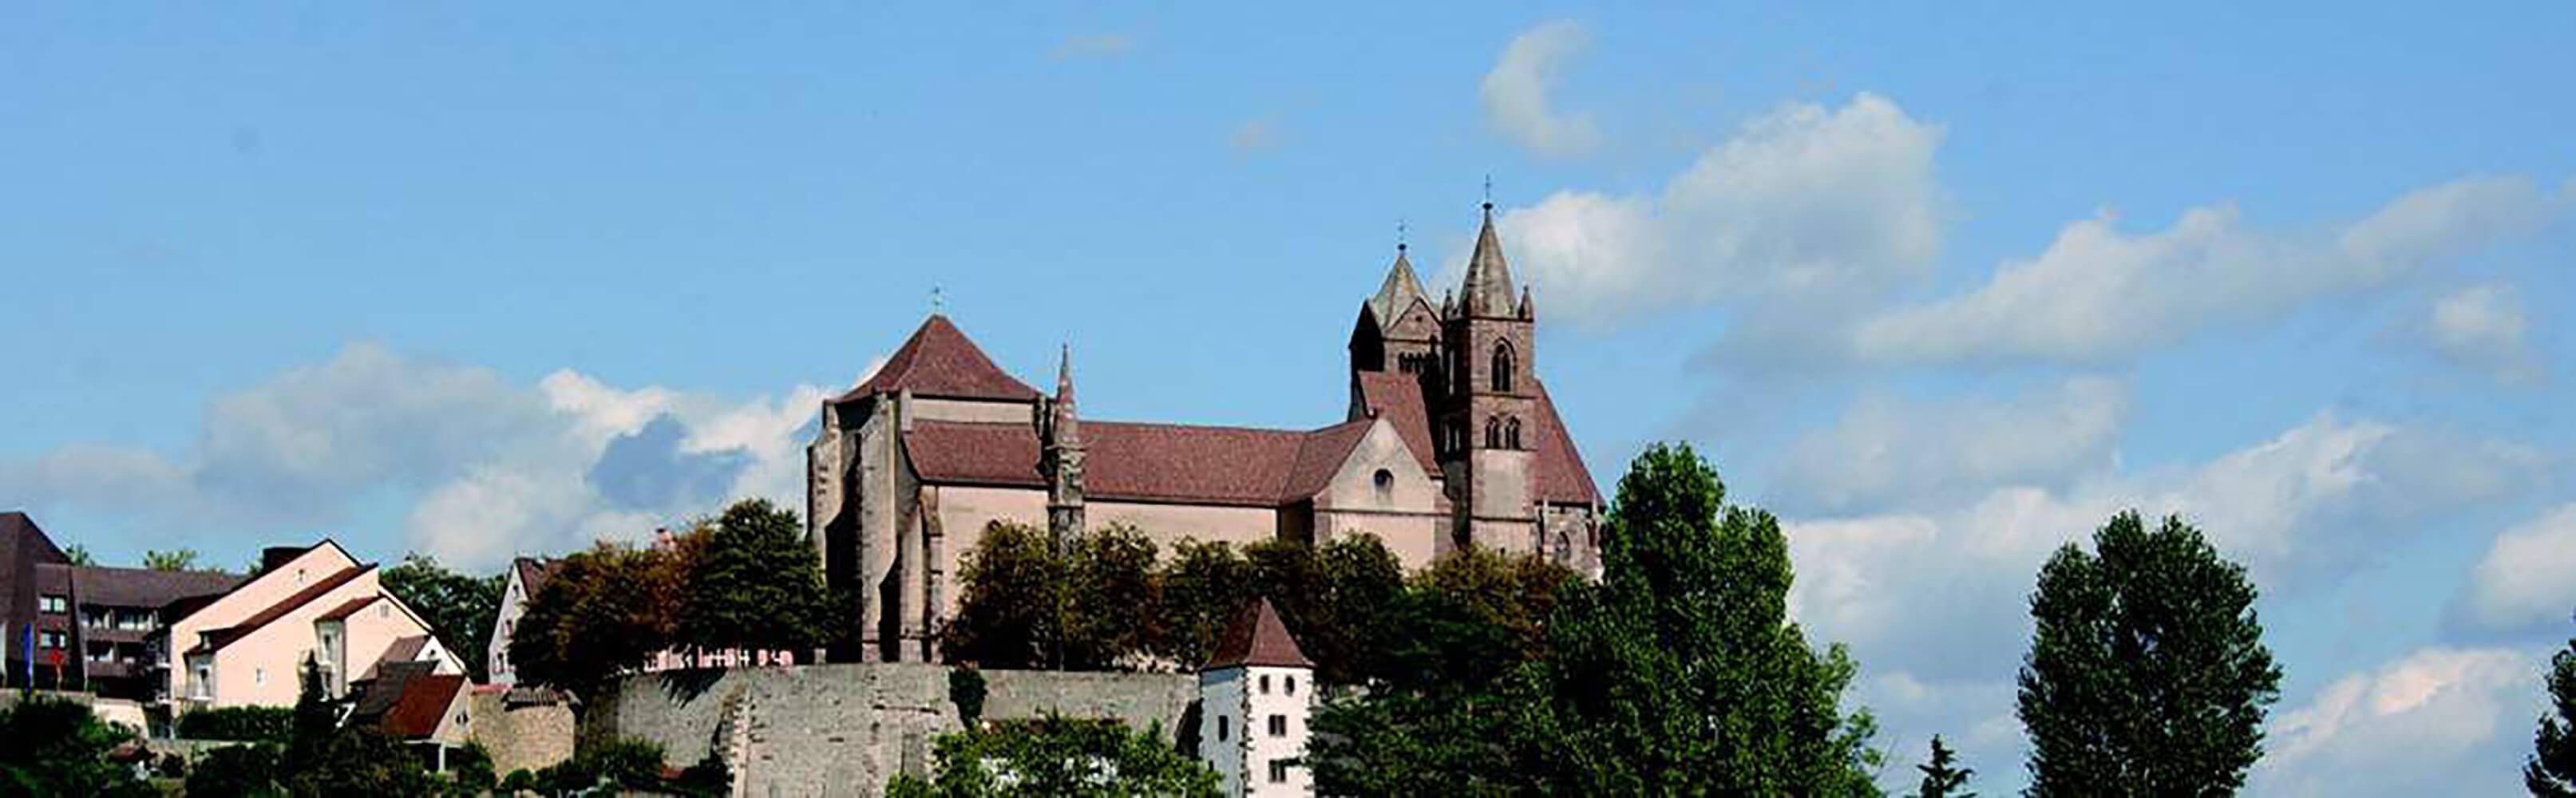 Stadt Breisach im herrlichen Sonnengebiet Breisgau 1